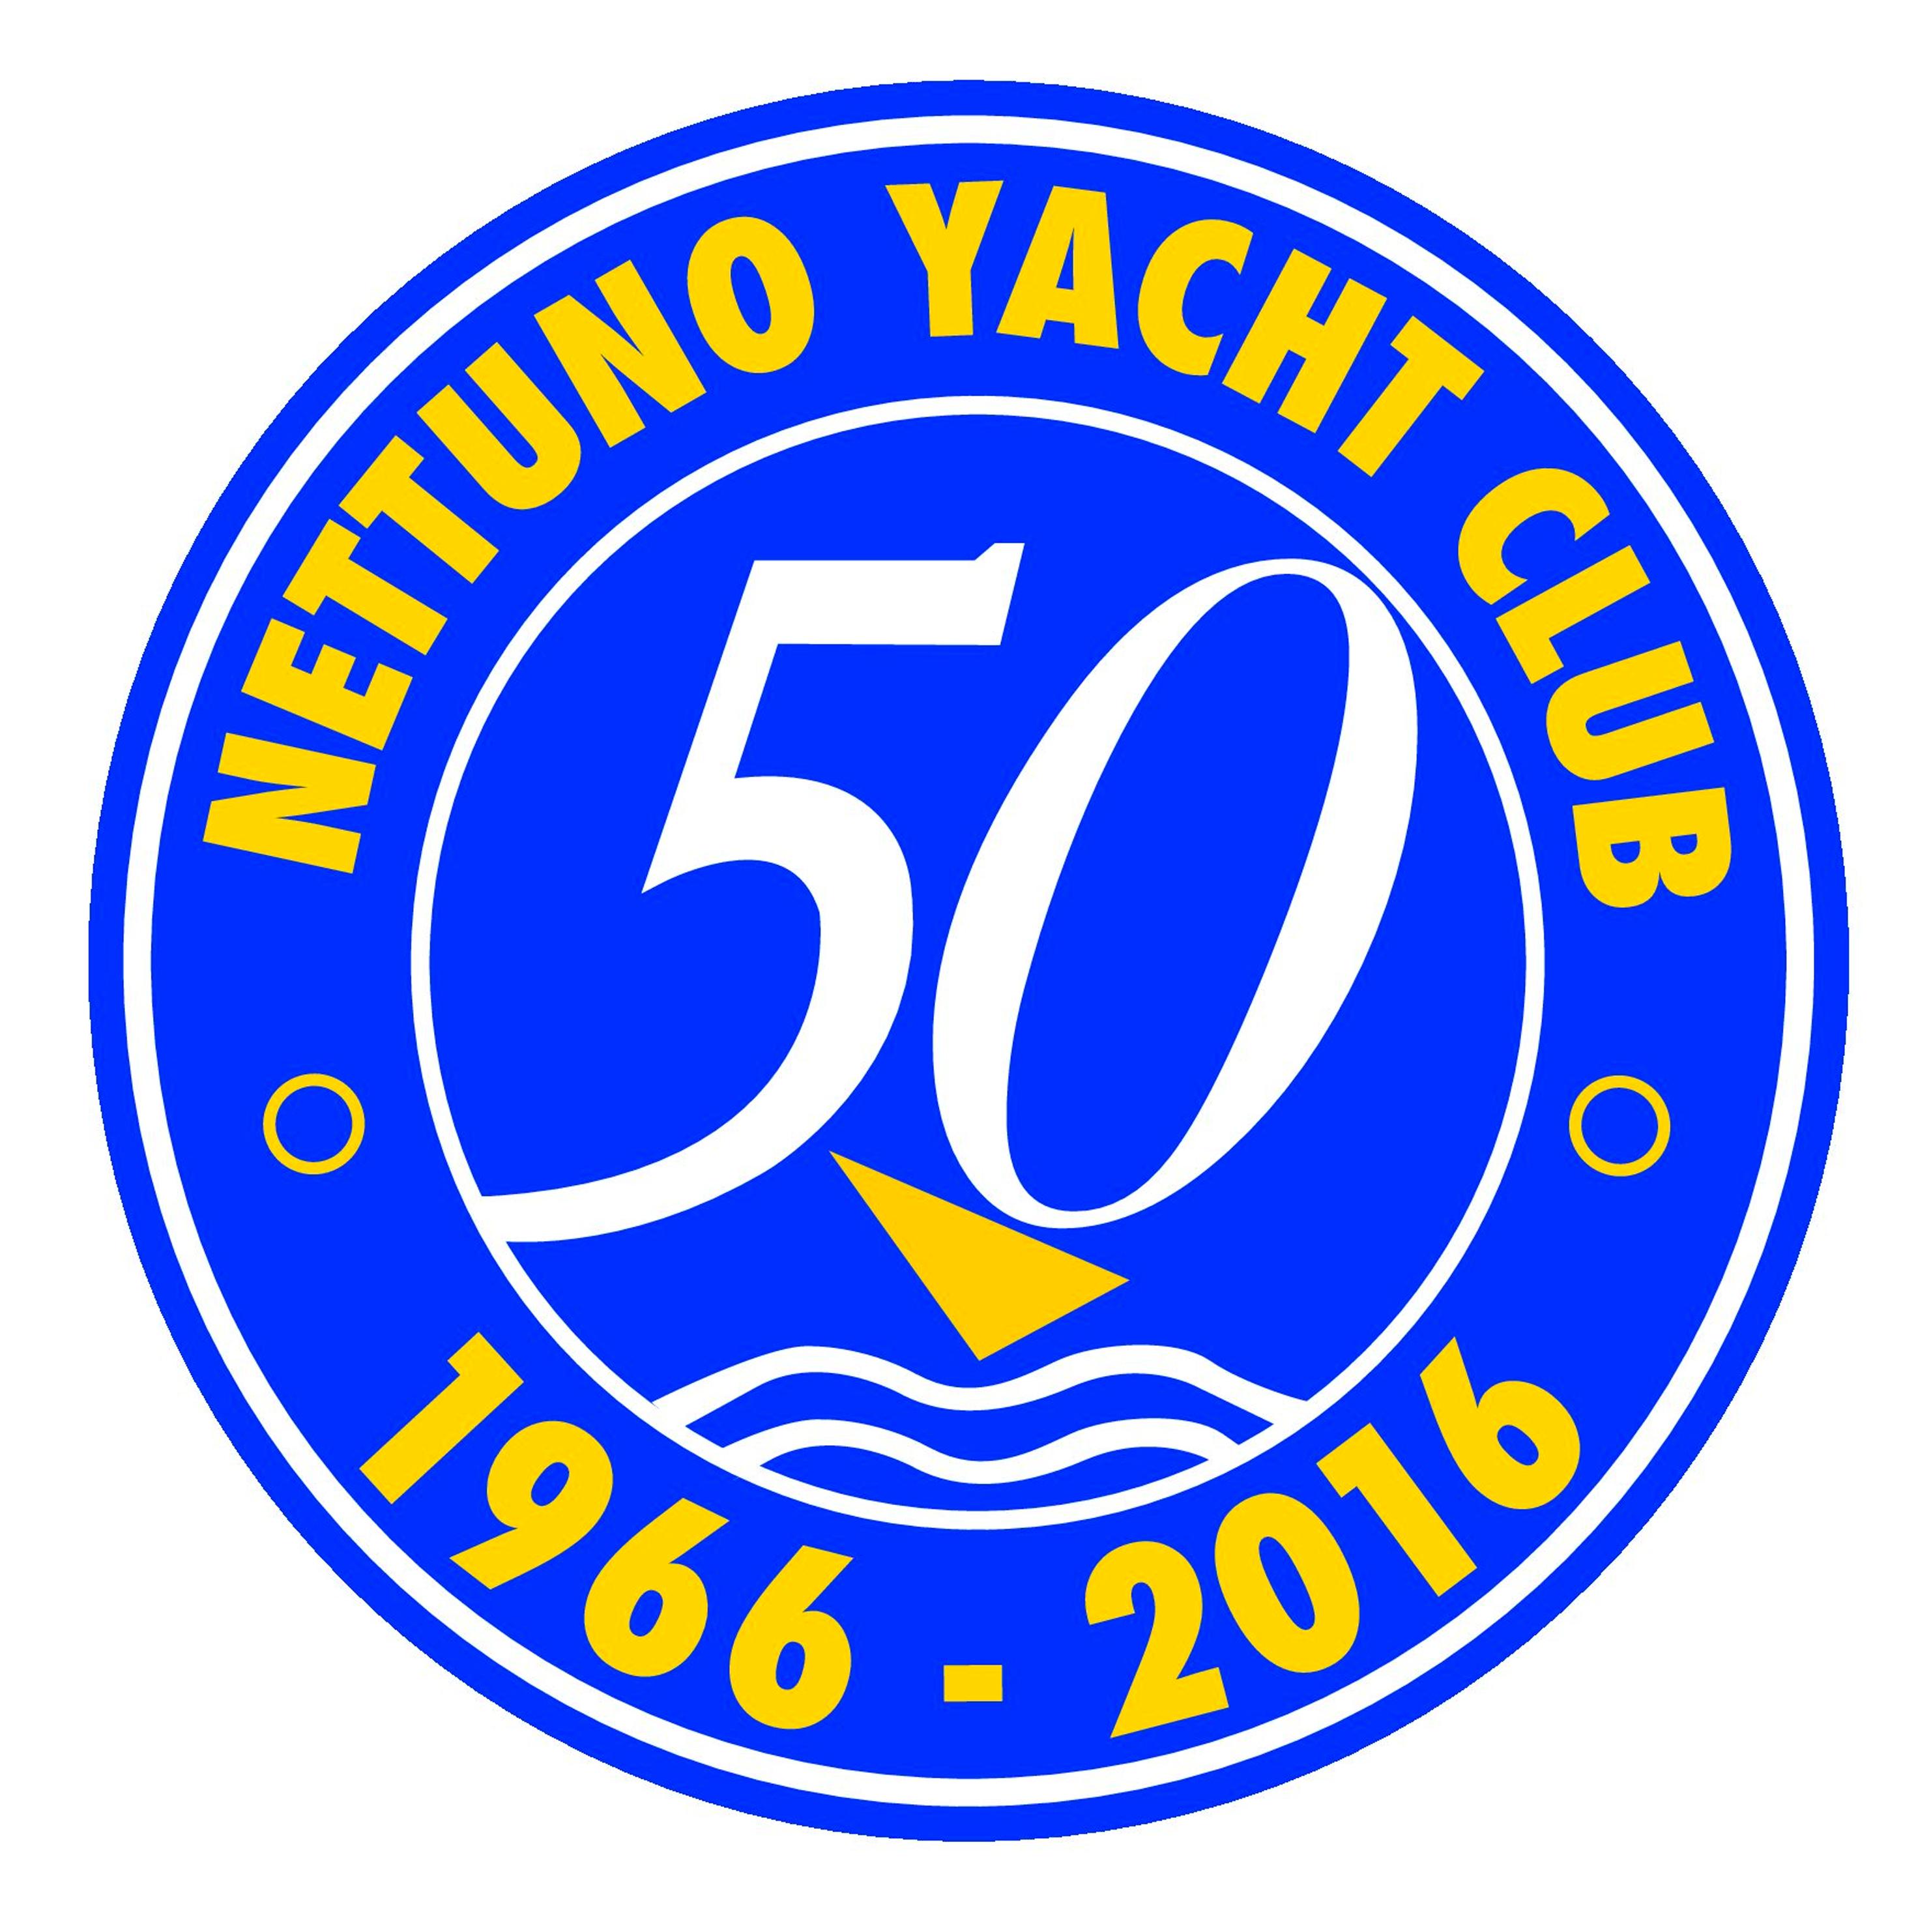 Nettuno Yacht Club